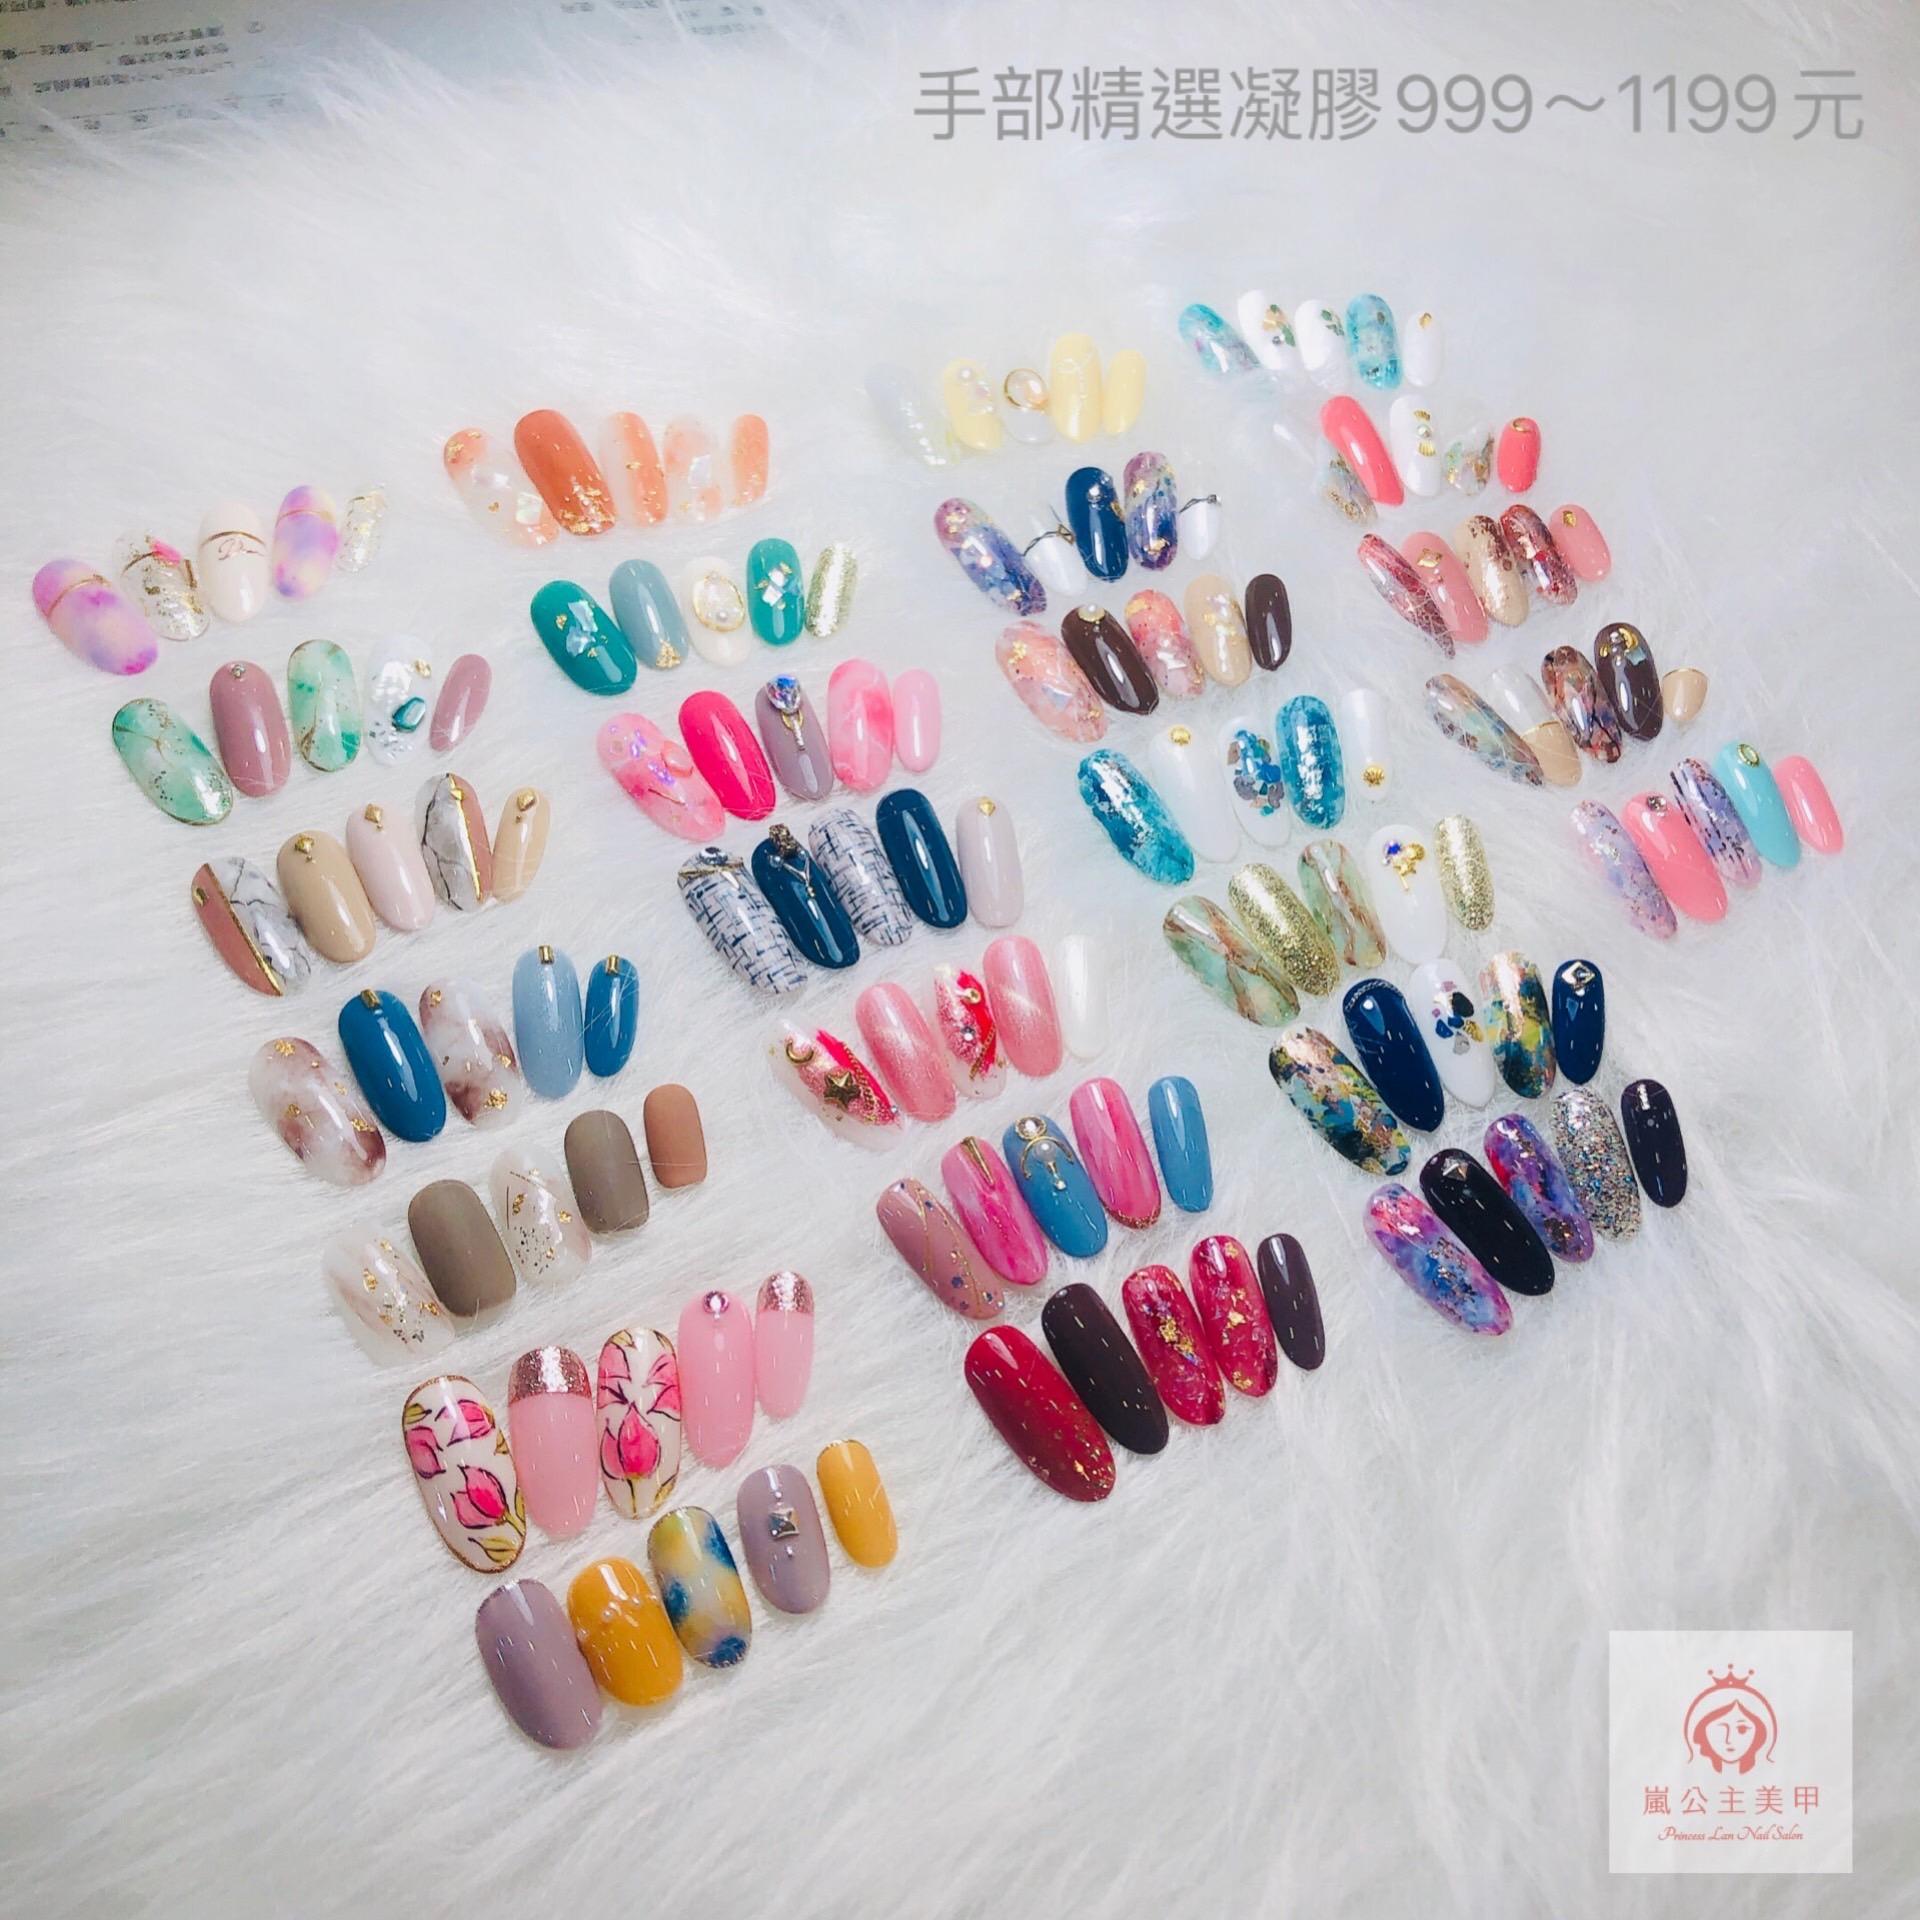 手部凝膠精選多款 999~1199元(可換色、含甲面保養)